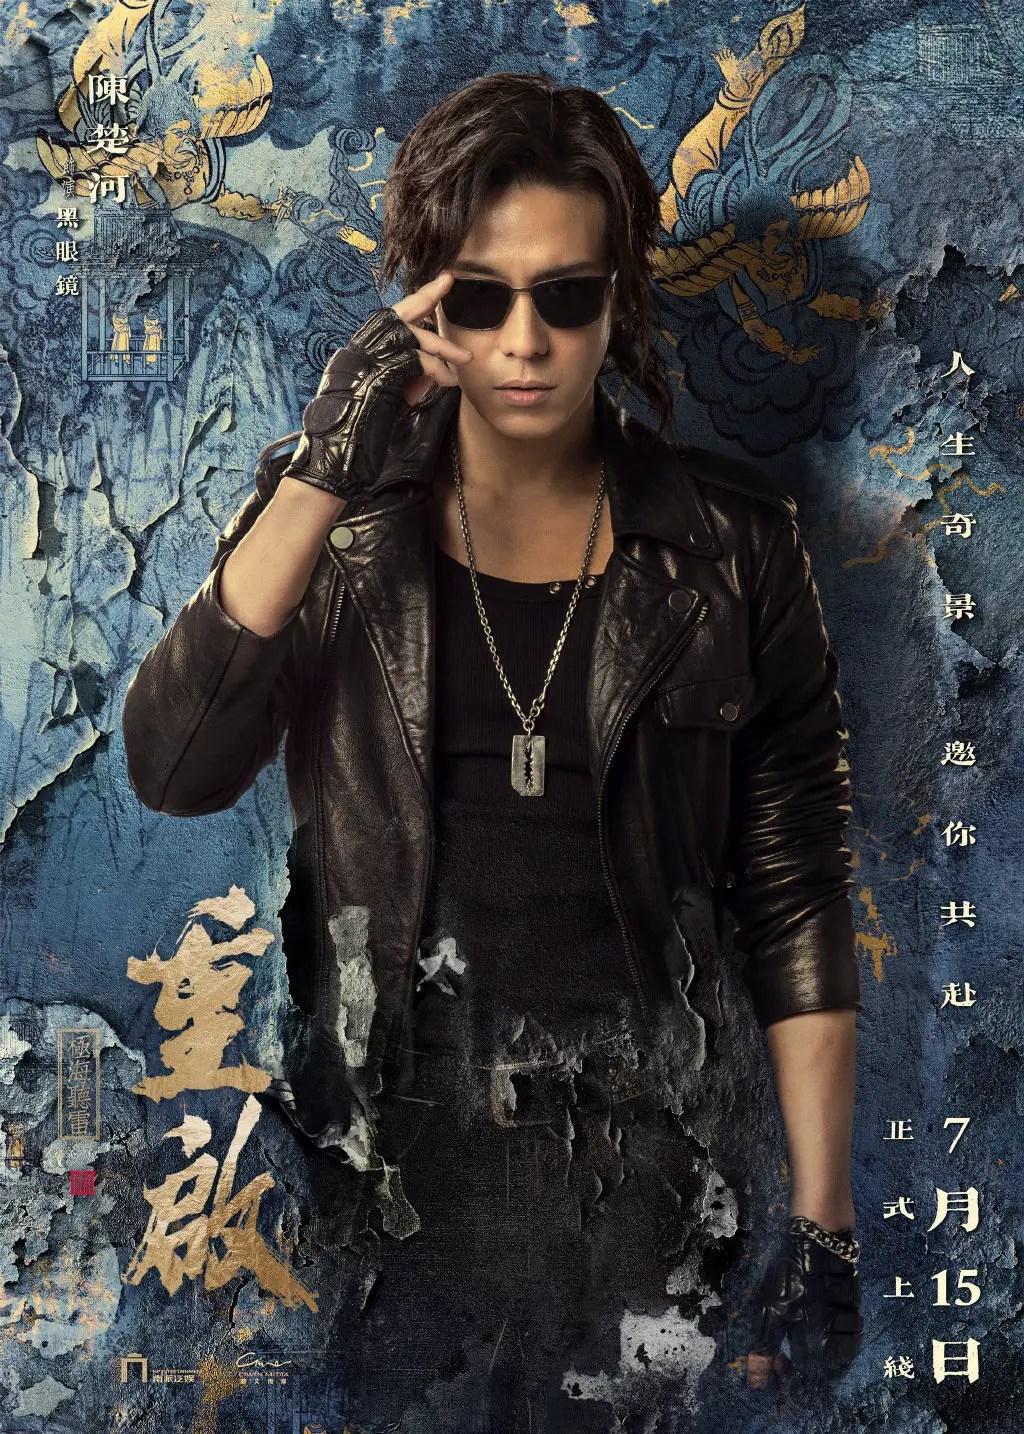 Chen Chu He